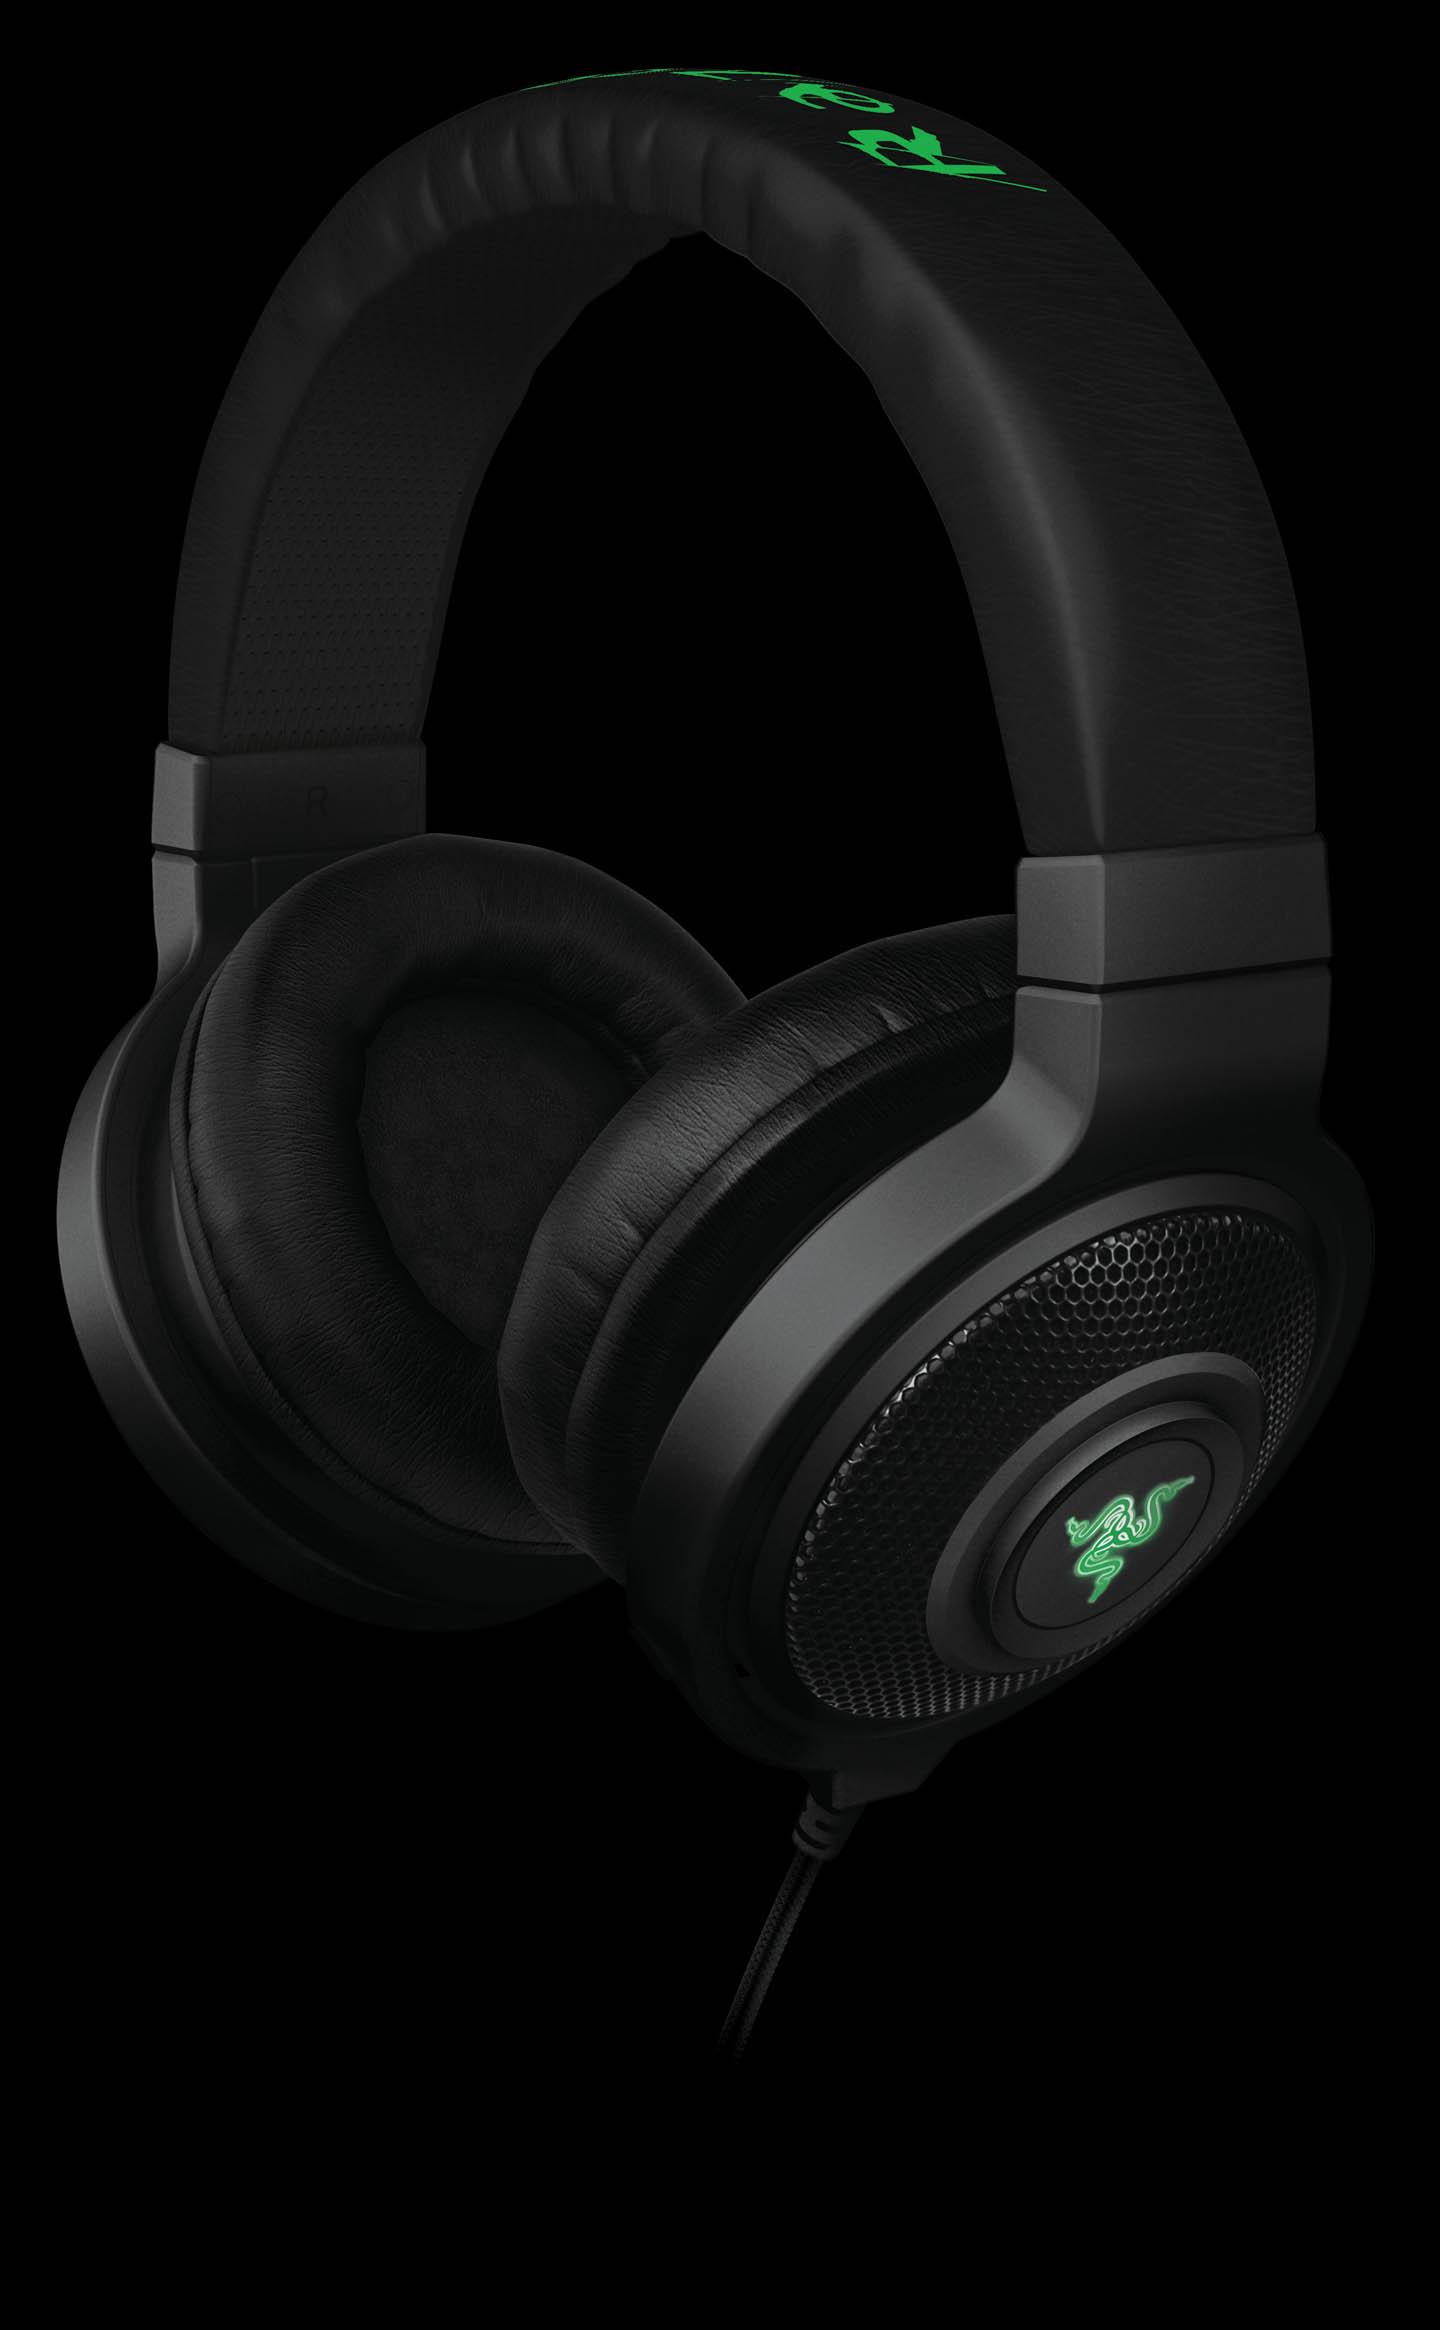 razer kraken usb gaming headset review